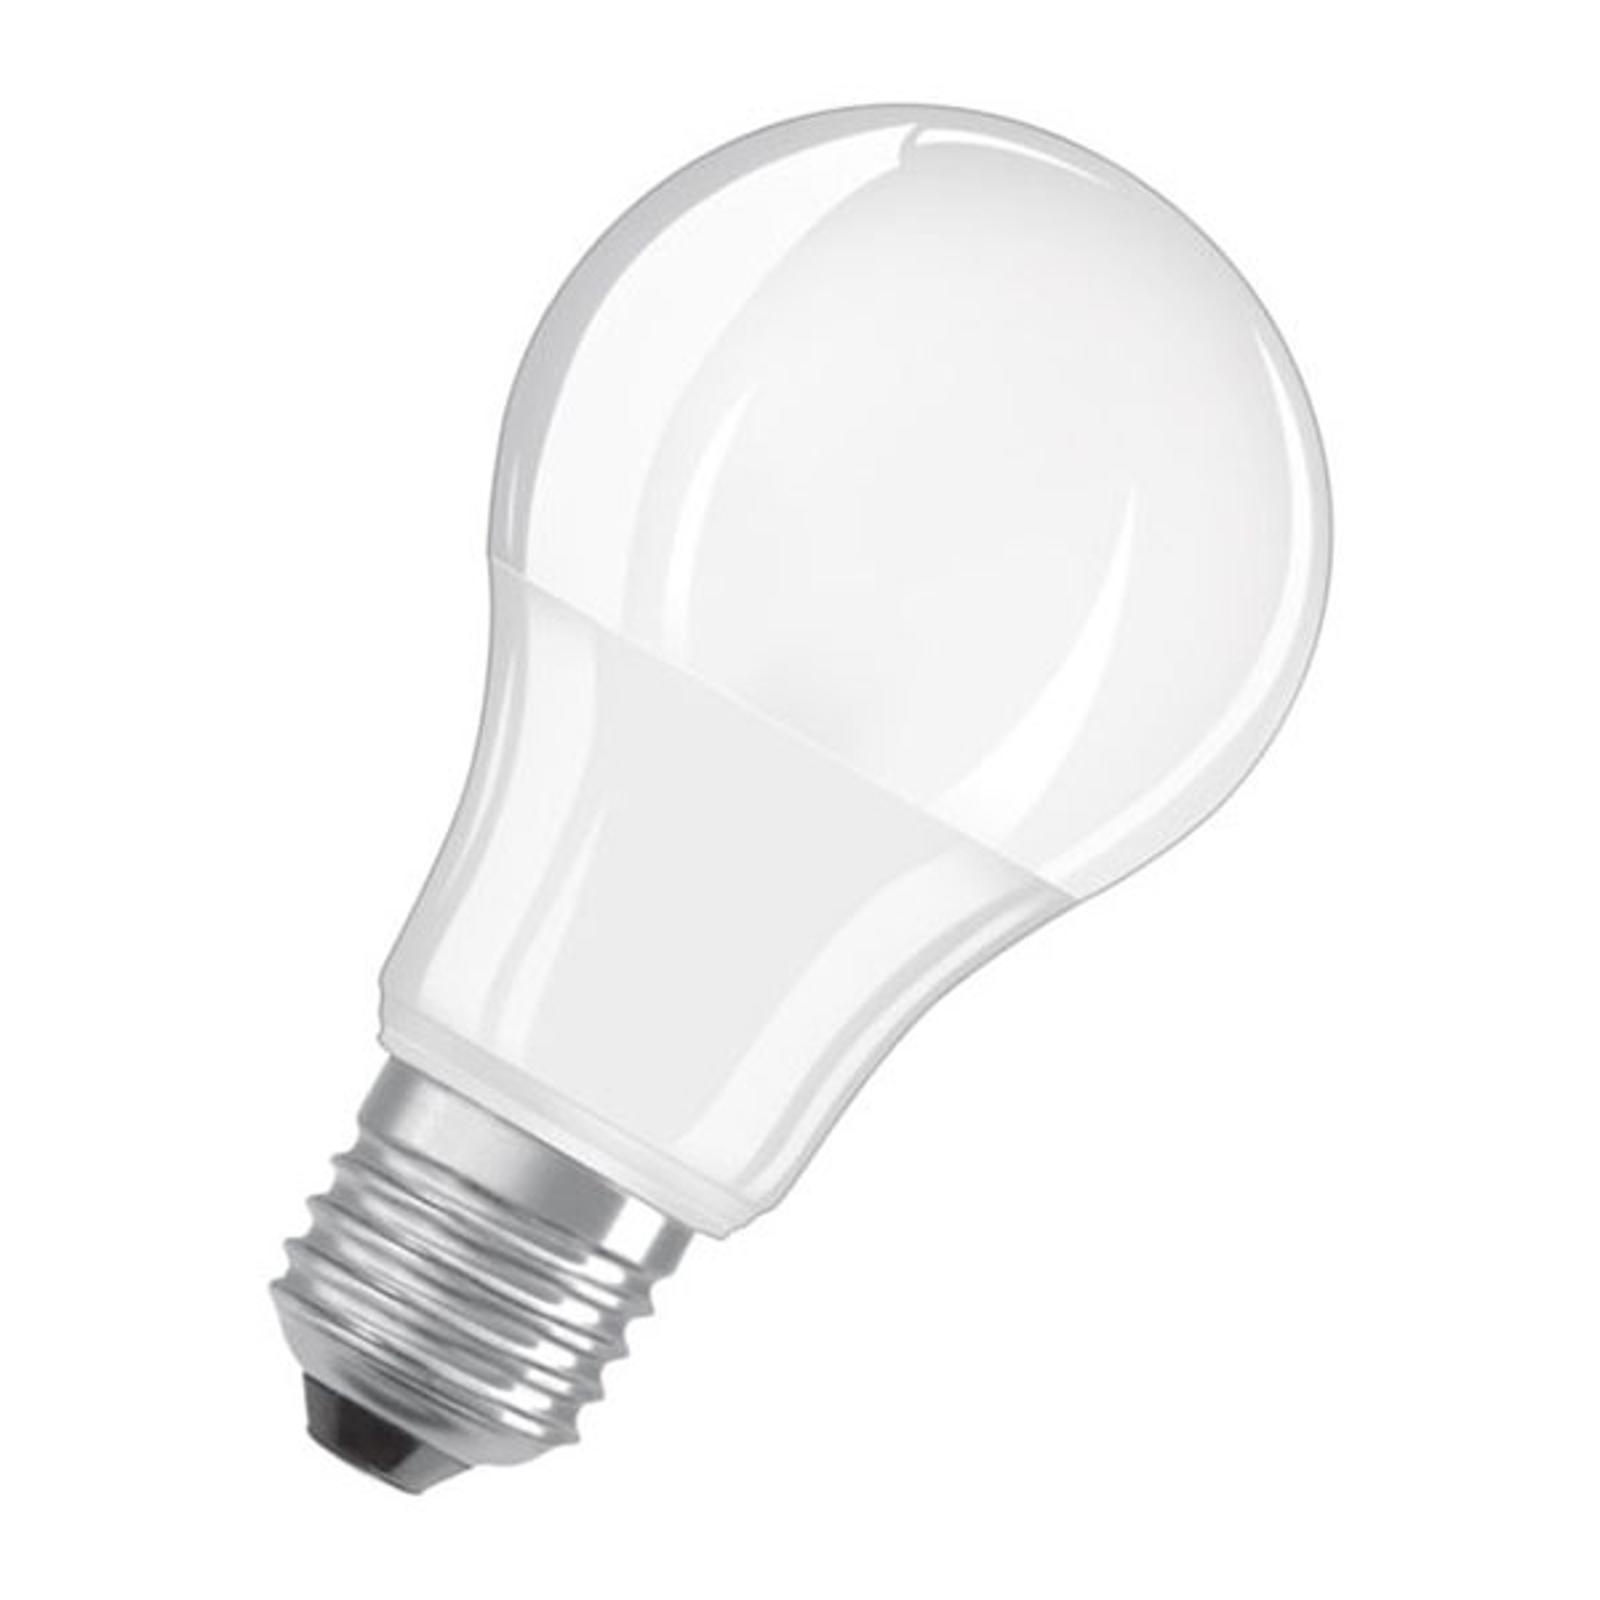 OSRAM LED-Lampe E27 9W 827 Superstar matt dimmbar